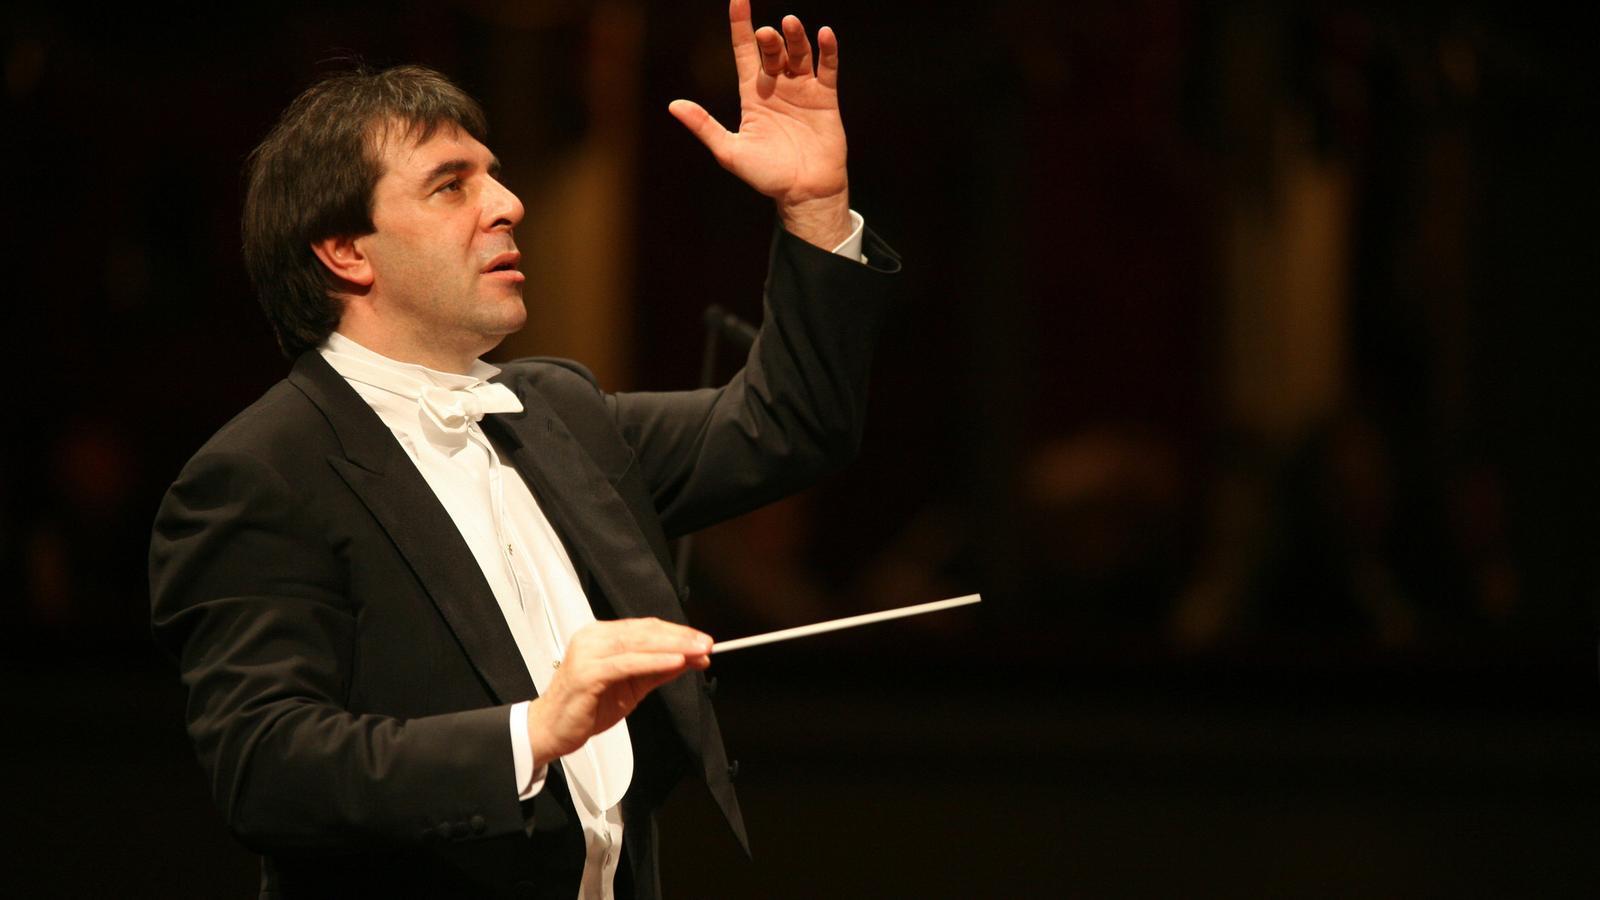 El titular de la Nacional de França, Daniele Gatti, va demostrar que una orquestra pot sonar molt diferent en funció de qui la dirigeixi .